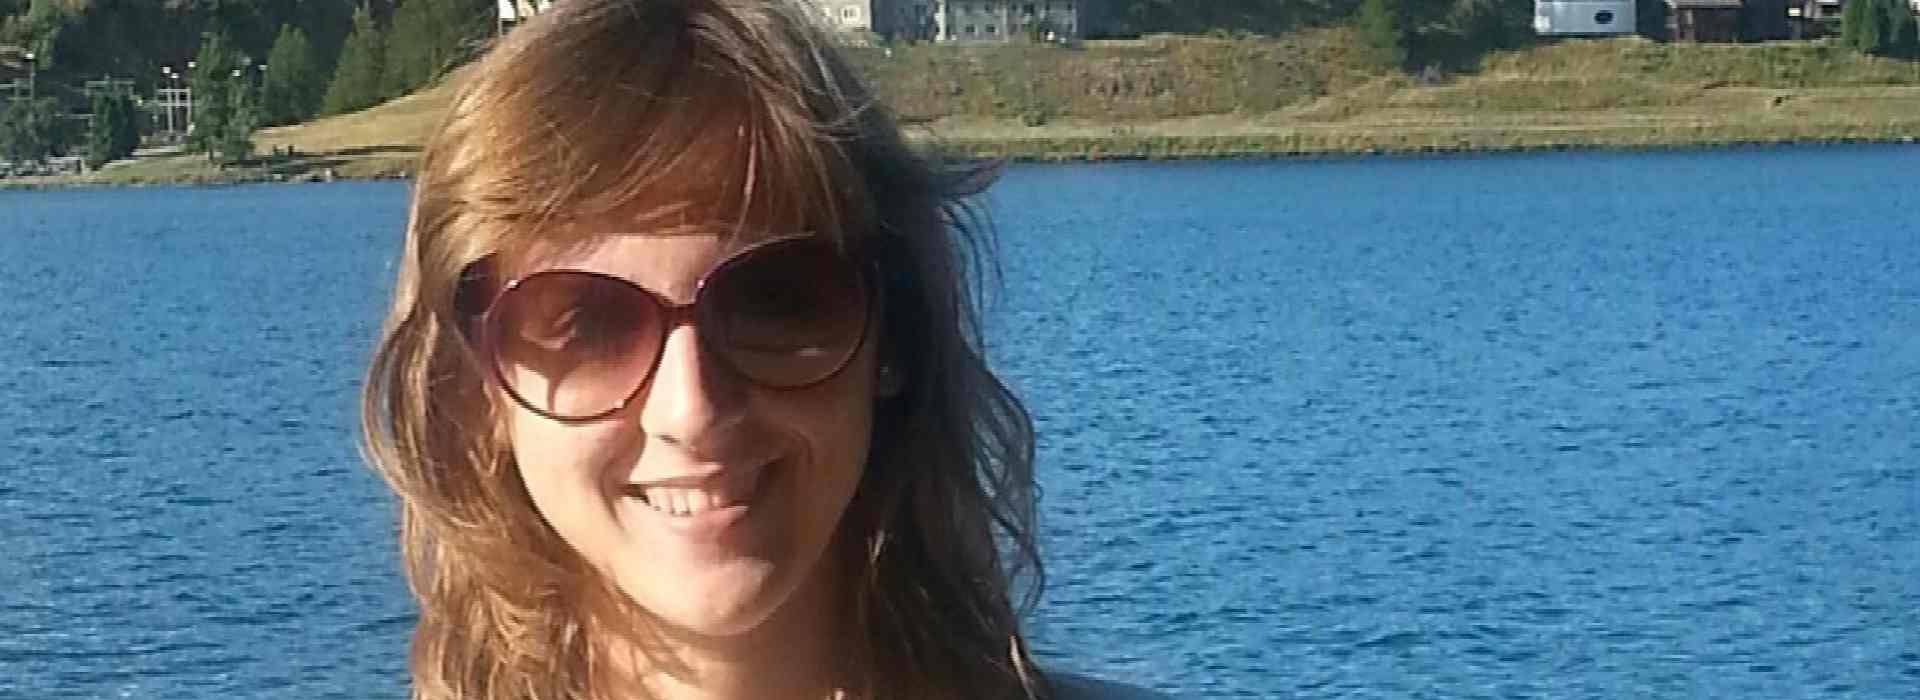 Rai, l'azienda pubblica ammette: Claudia Mazzola nominata senza selezione